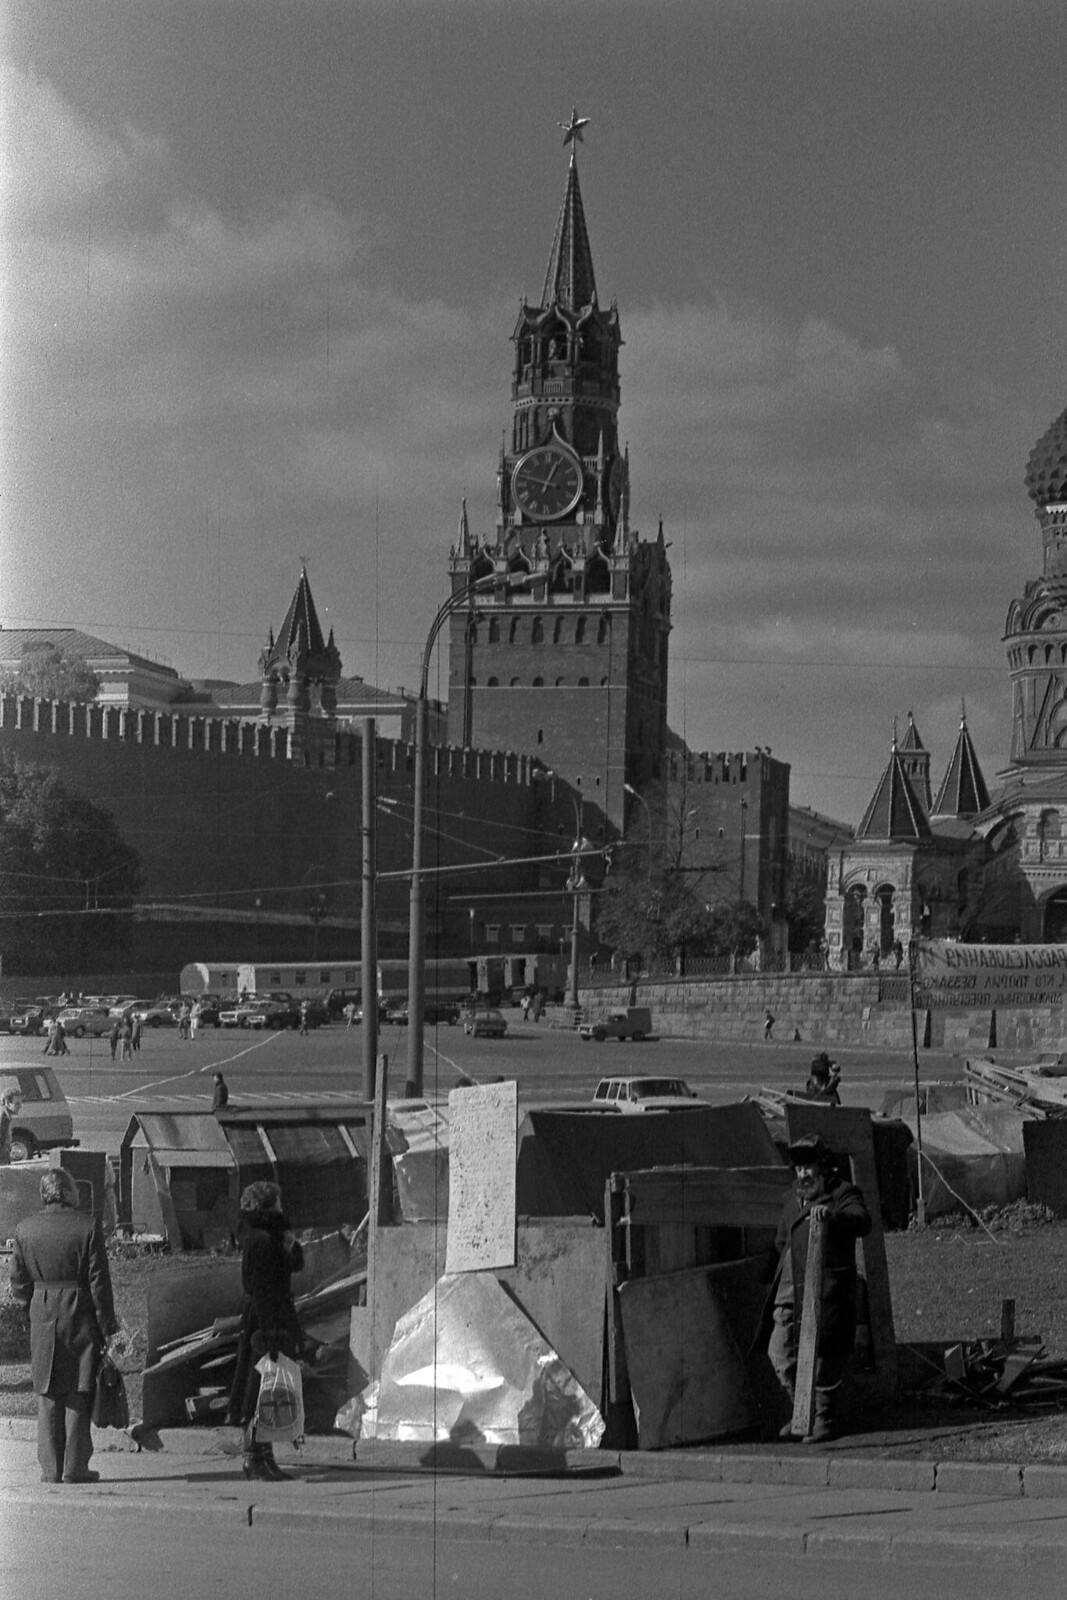 1989. Васильевский спуск, Палаточный городок (10)